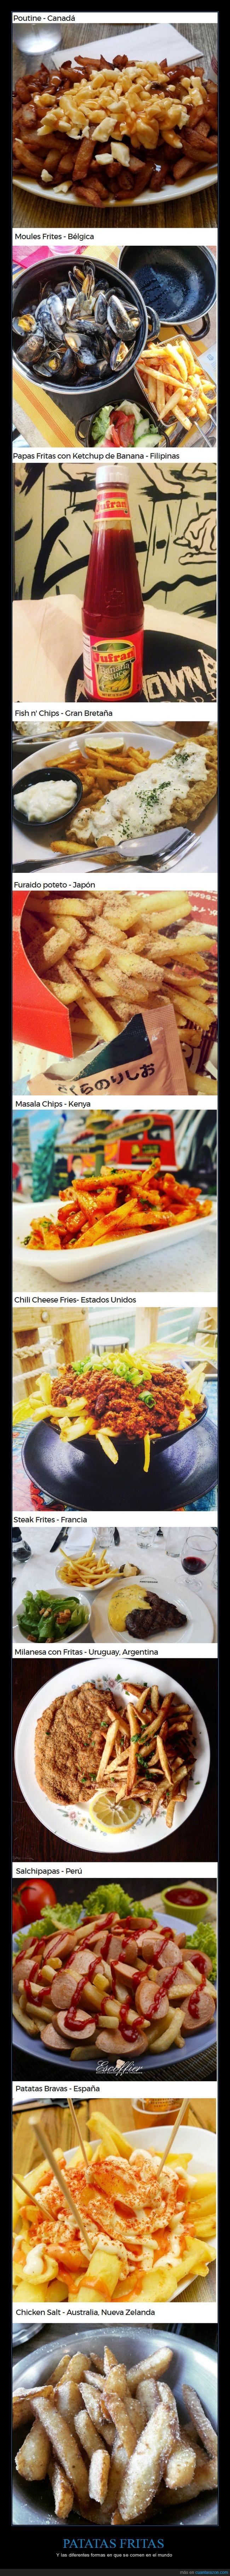 delicias,estilos,mundo,países,papas fritas,patatas